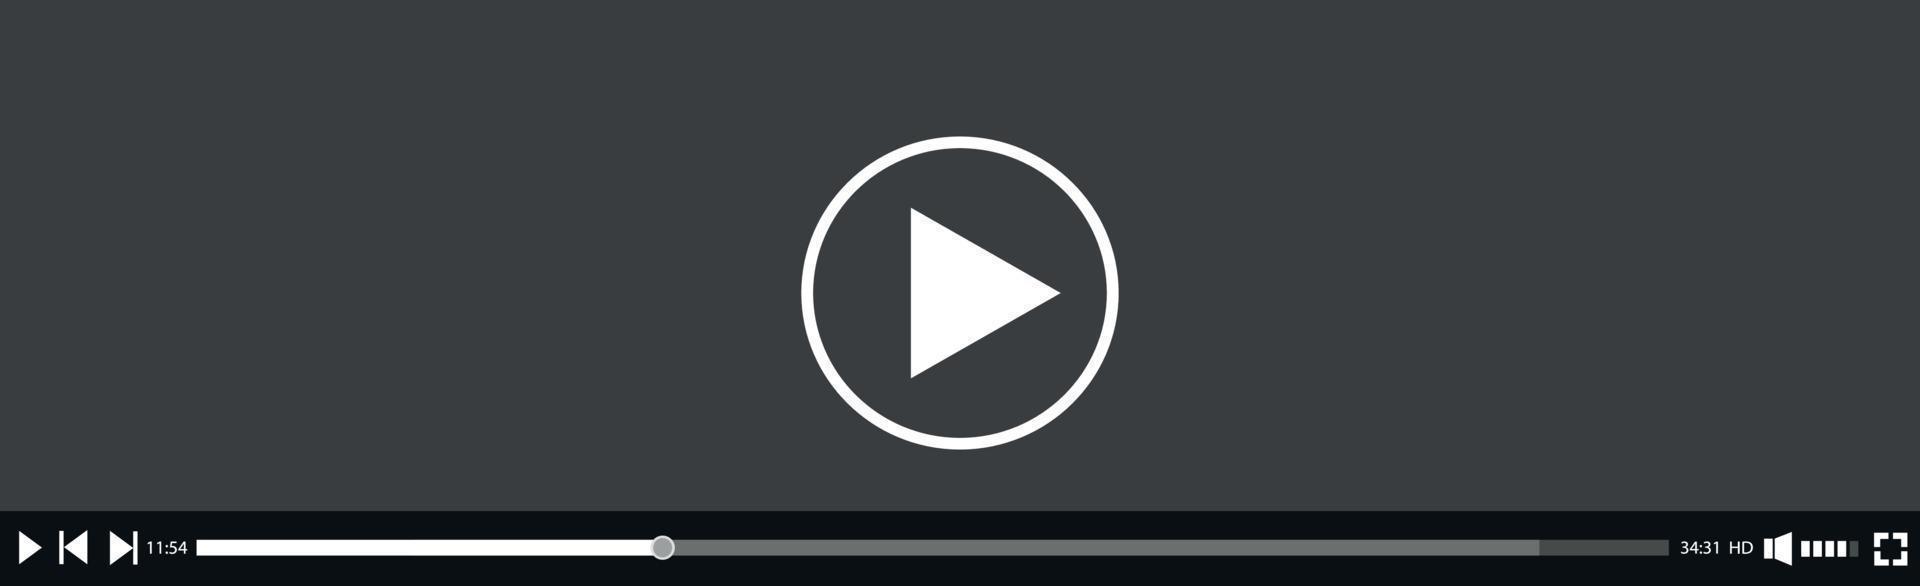 Video- und Media-Player-Schnittstellenvorlage - Vektor